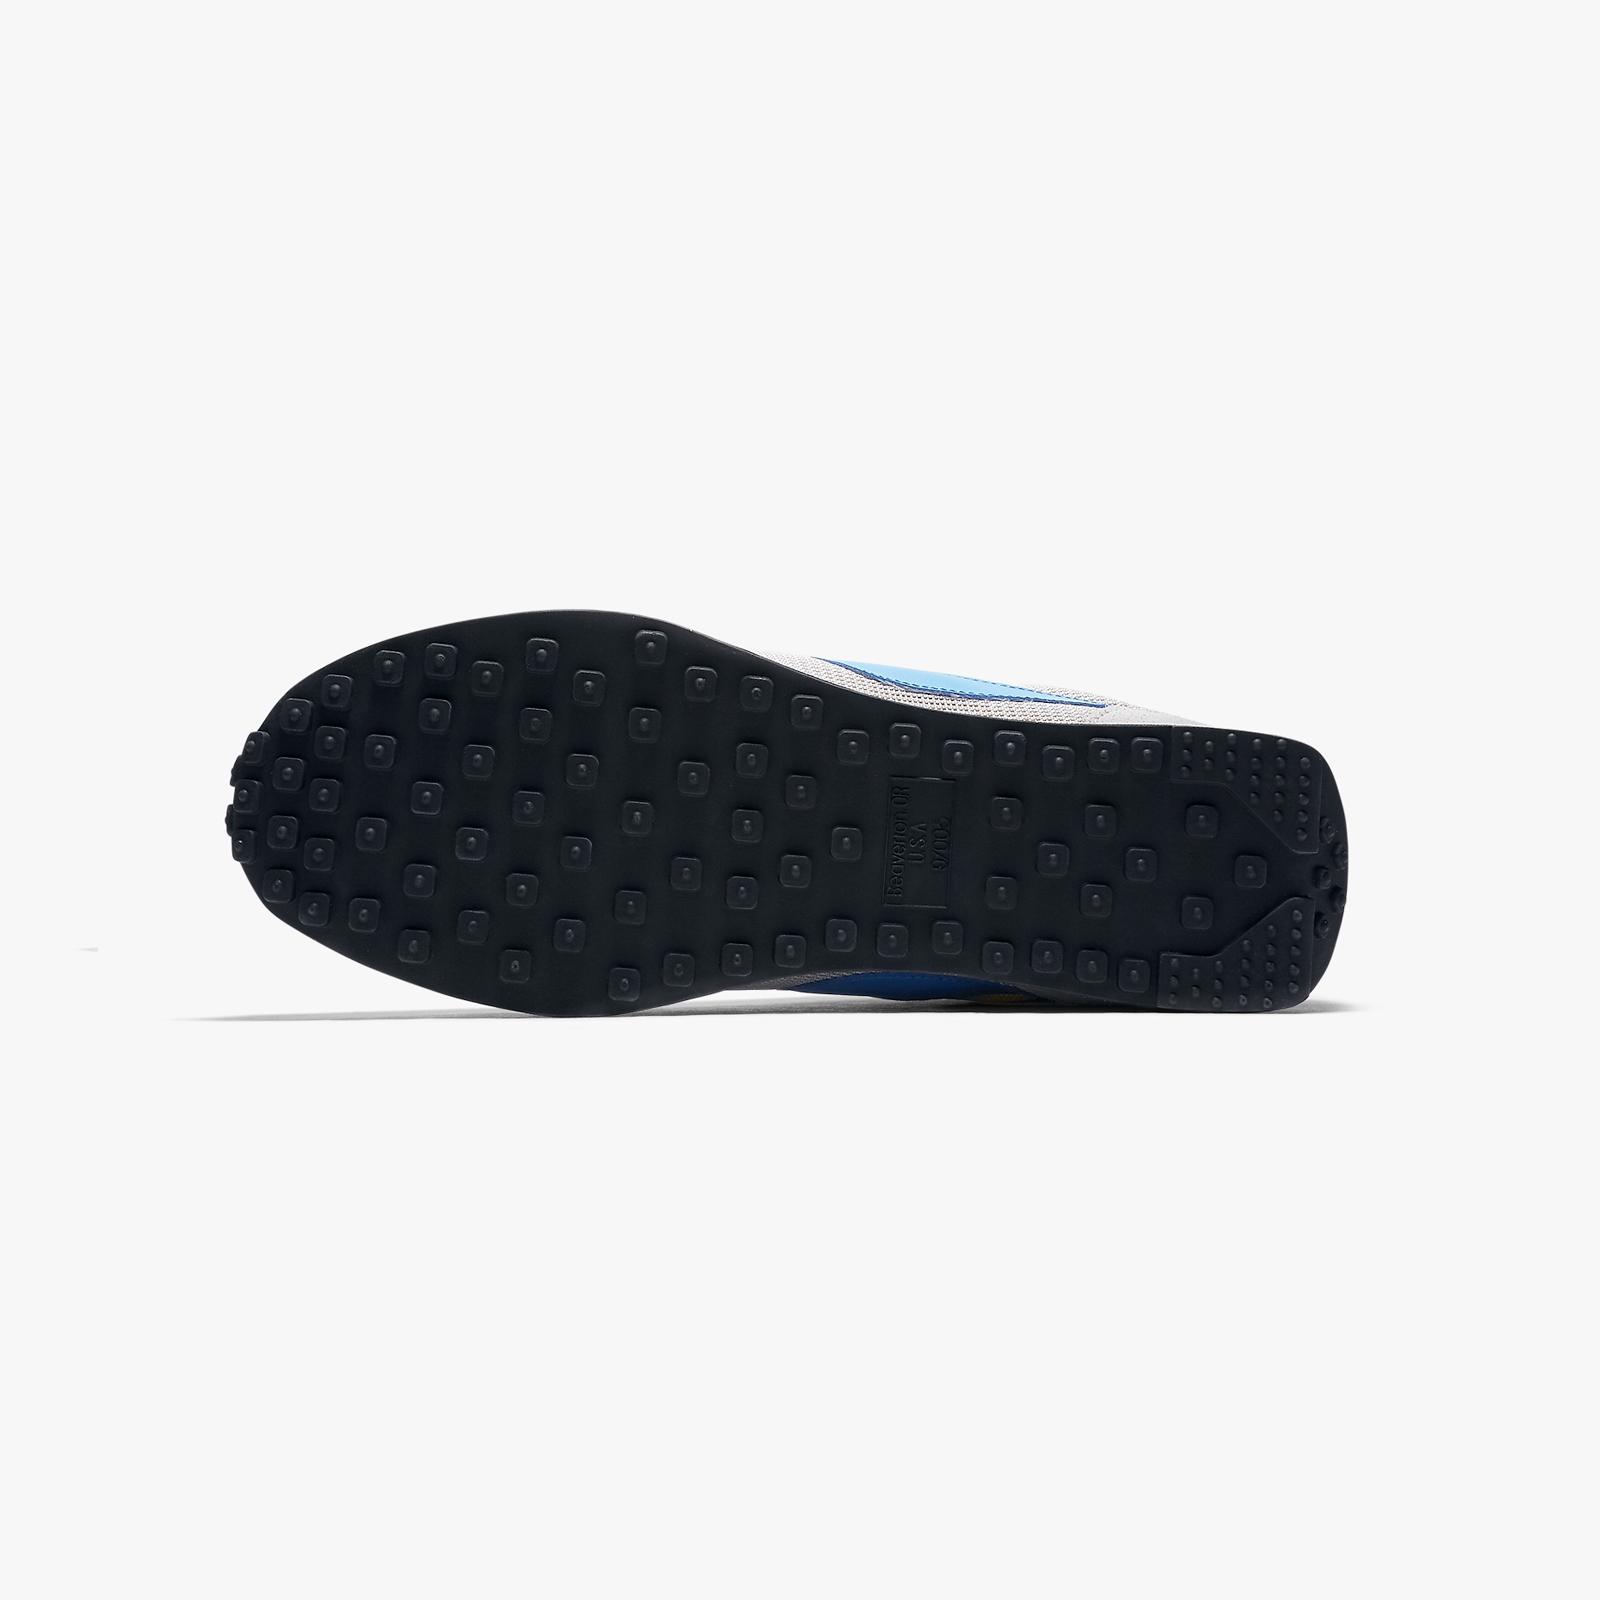 Nike Air Tailwind 79 OG - Bq5878-001 - Sneakersnstuff  df2f39c63